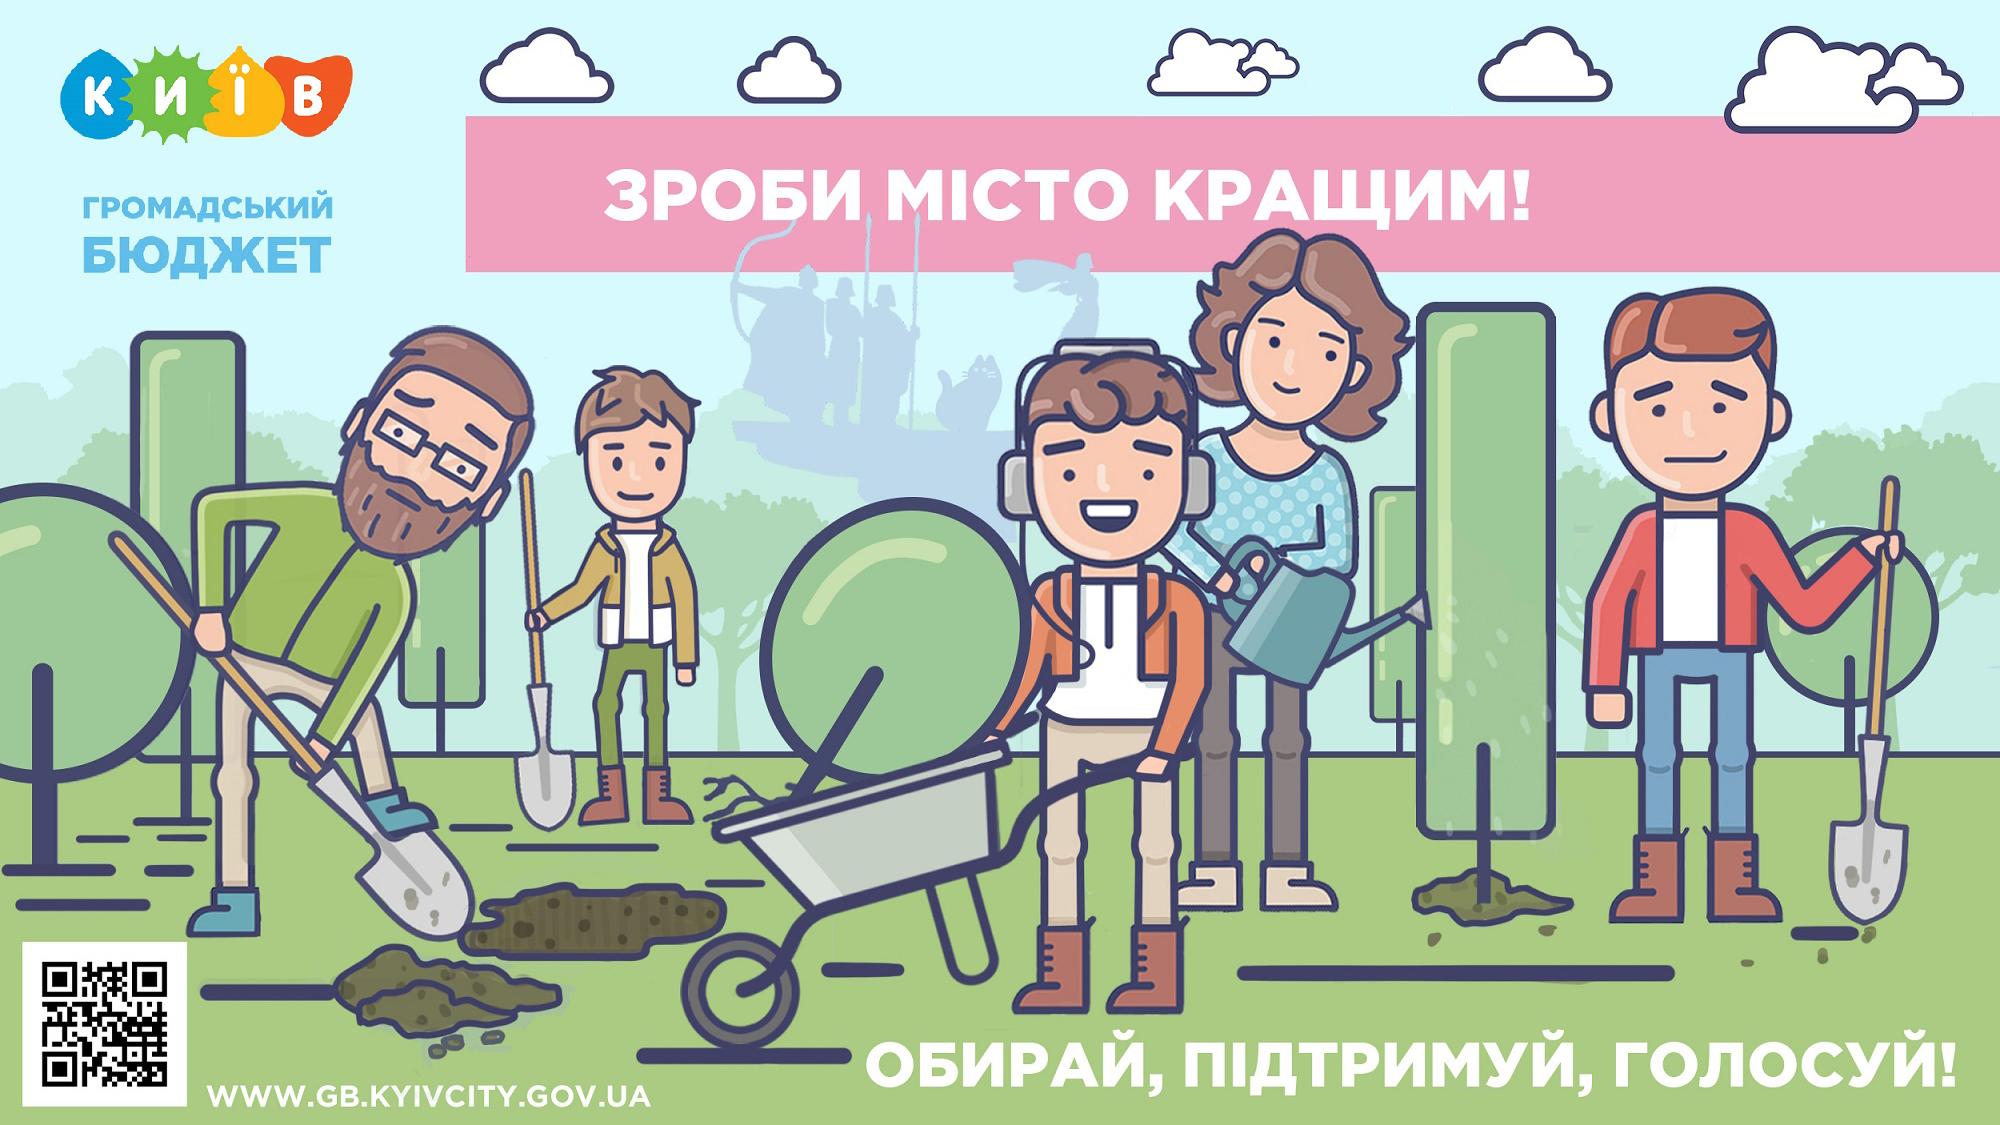 Сюжет №5 (екологія) Громадський бюджет Києва